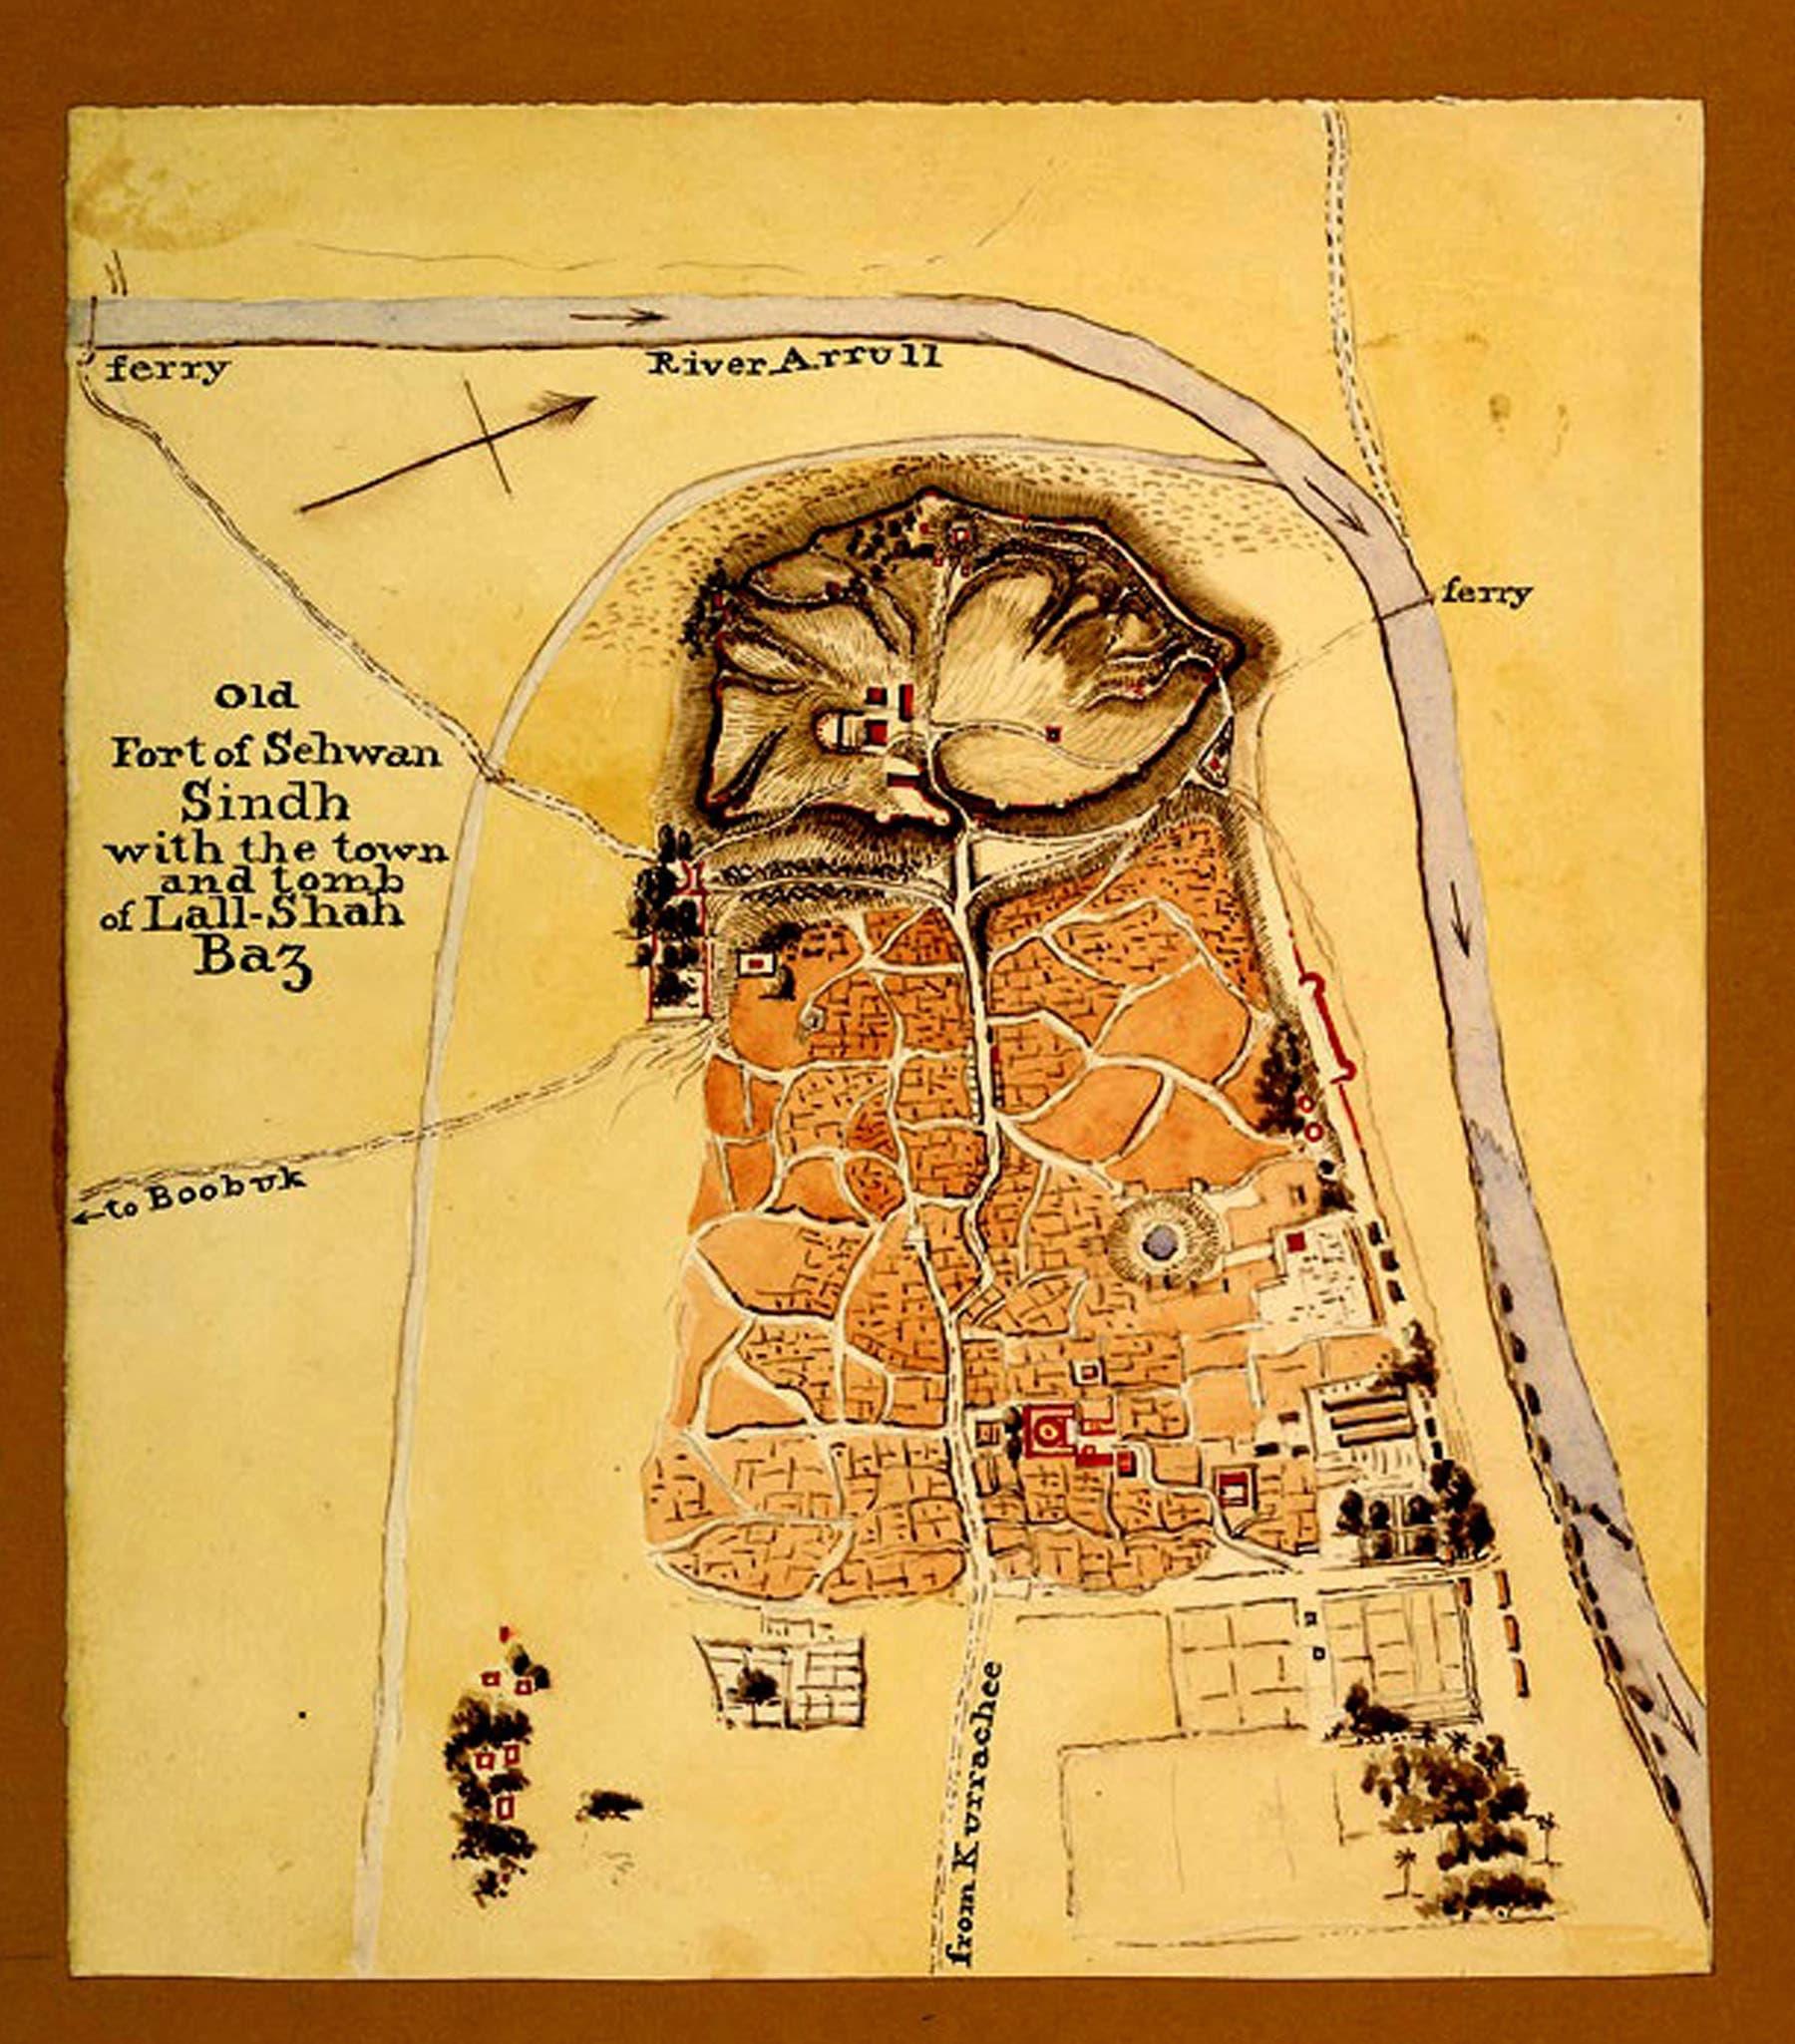 سیہون قلعے کا ایک پرانا نقشہ